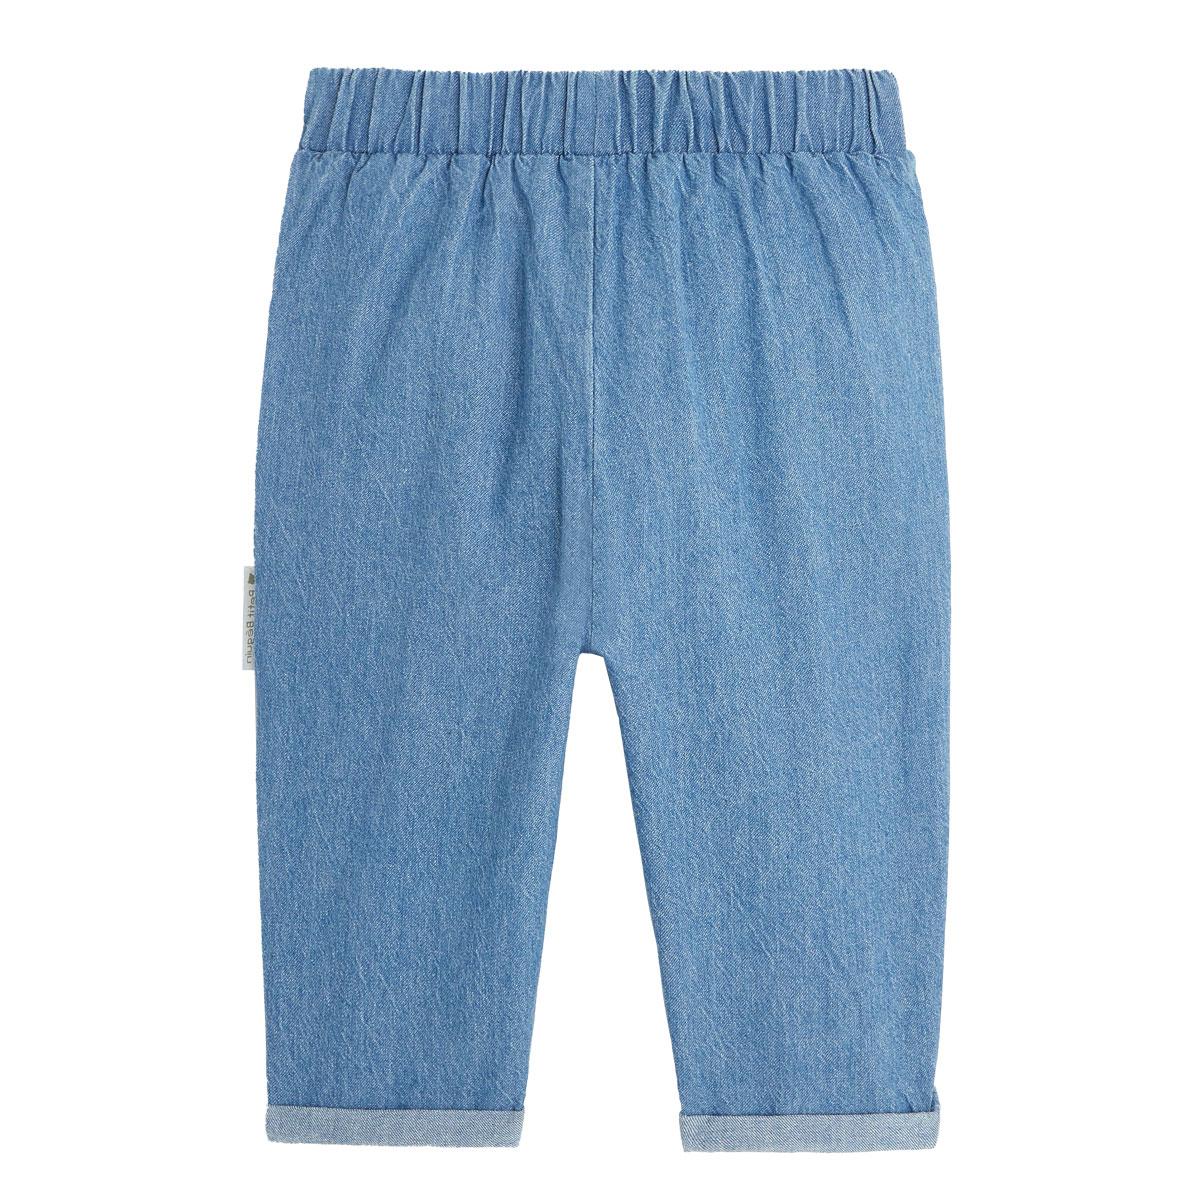 Pantalon bébé fille Blue Coco dos